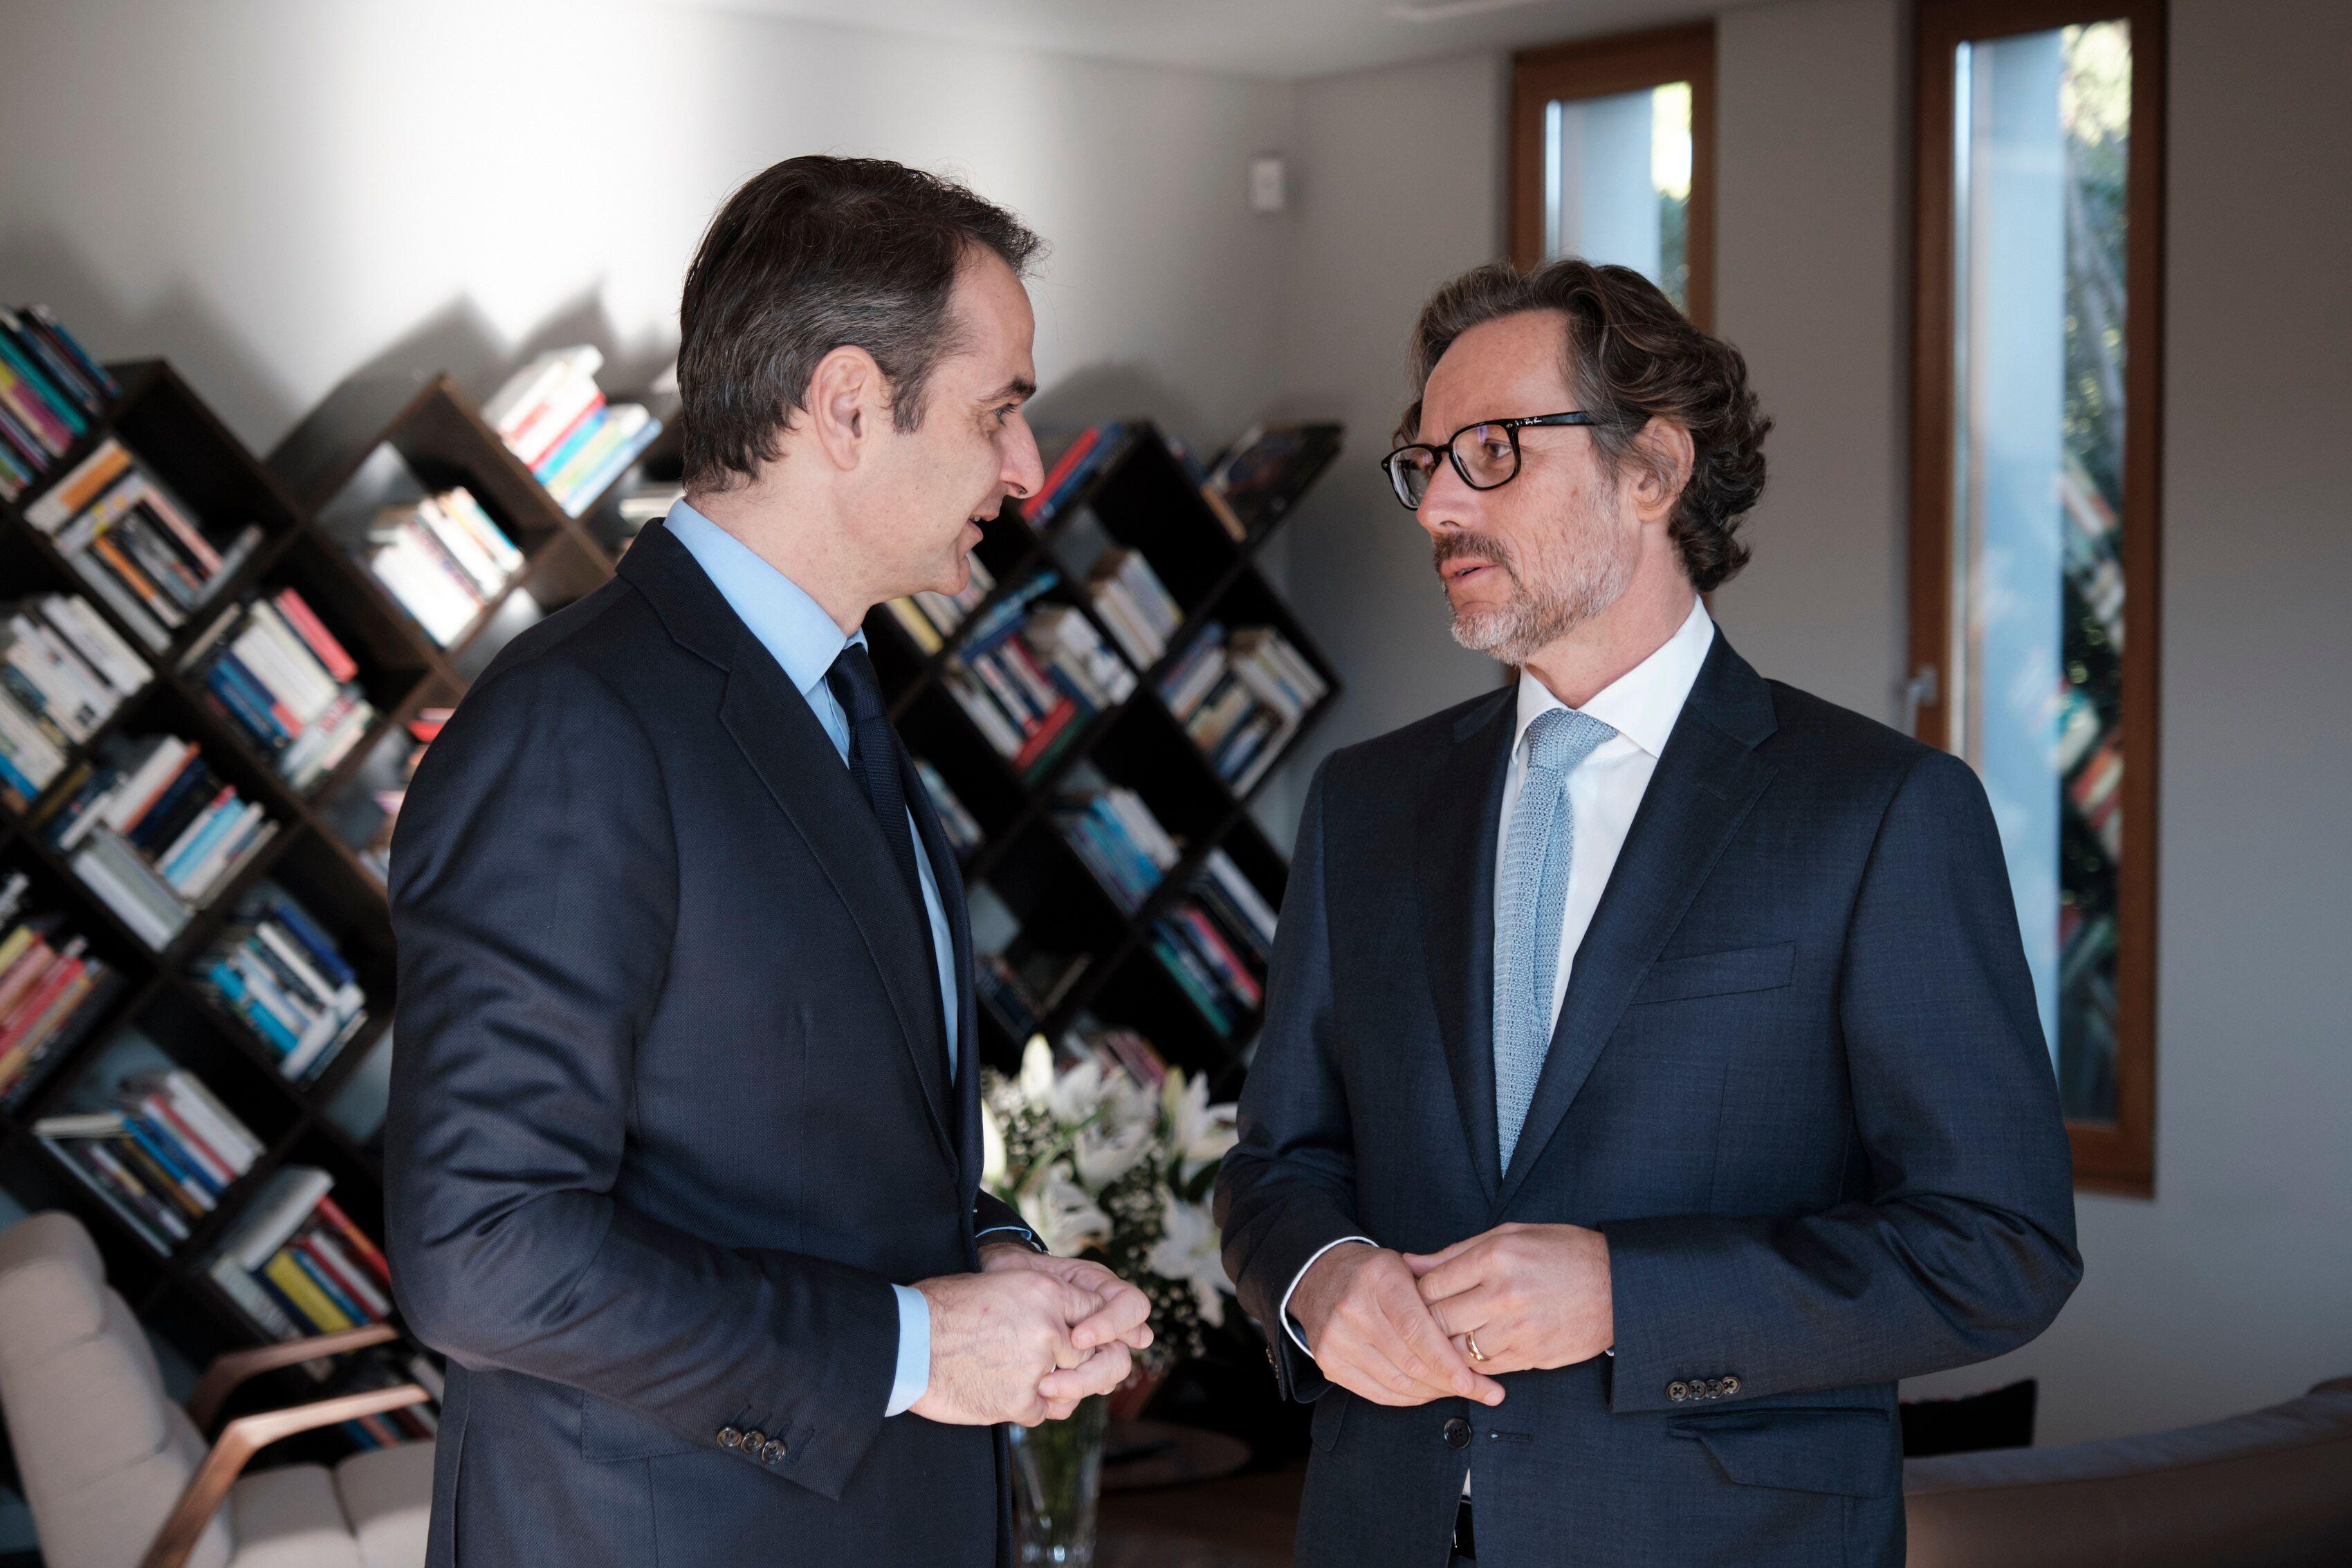 Κυρ. Μητσοτάκης: Νέο αφήγημα για τις Ελληνογερμανικές οικονομικές σχέσεις